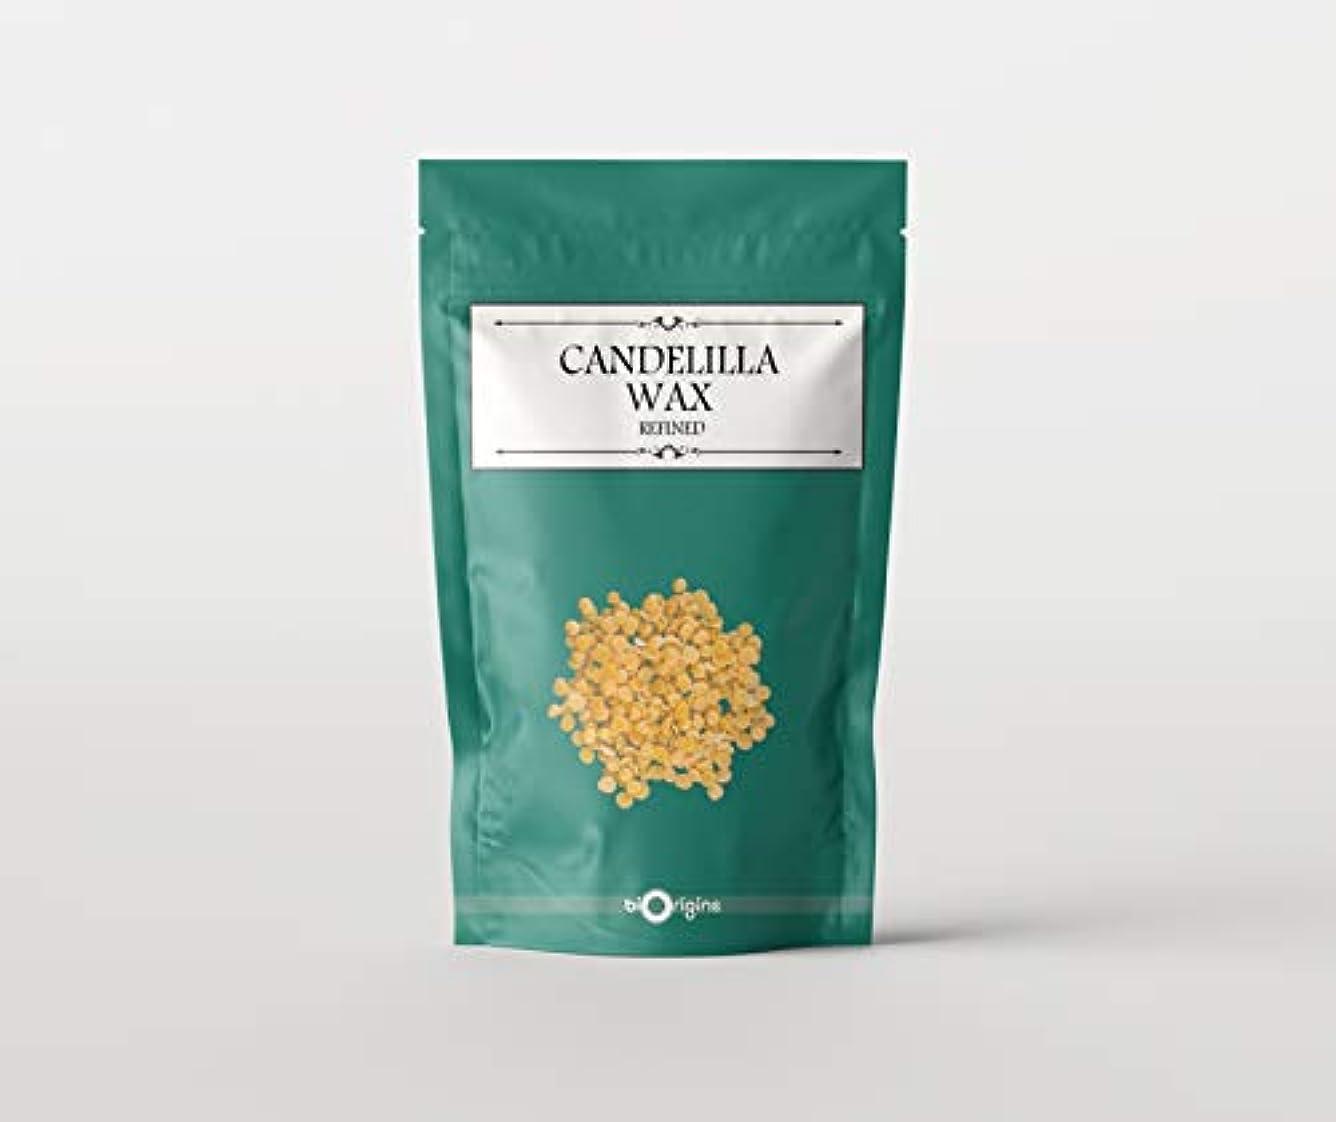 爬虫類ストライプ段階Candelilla Wax 1Kg